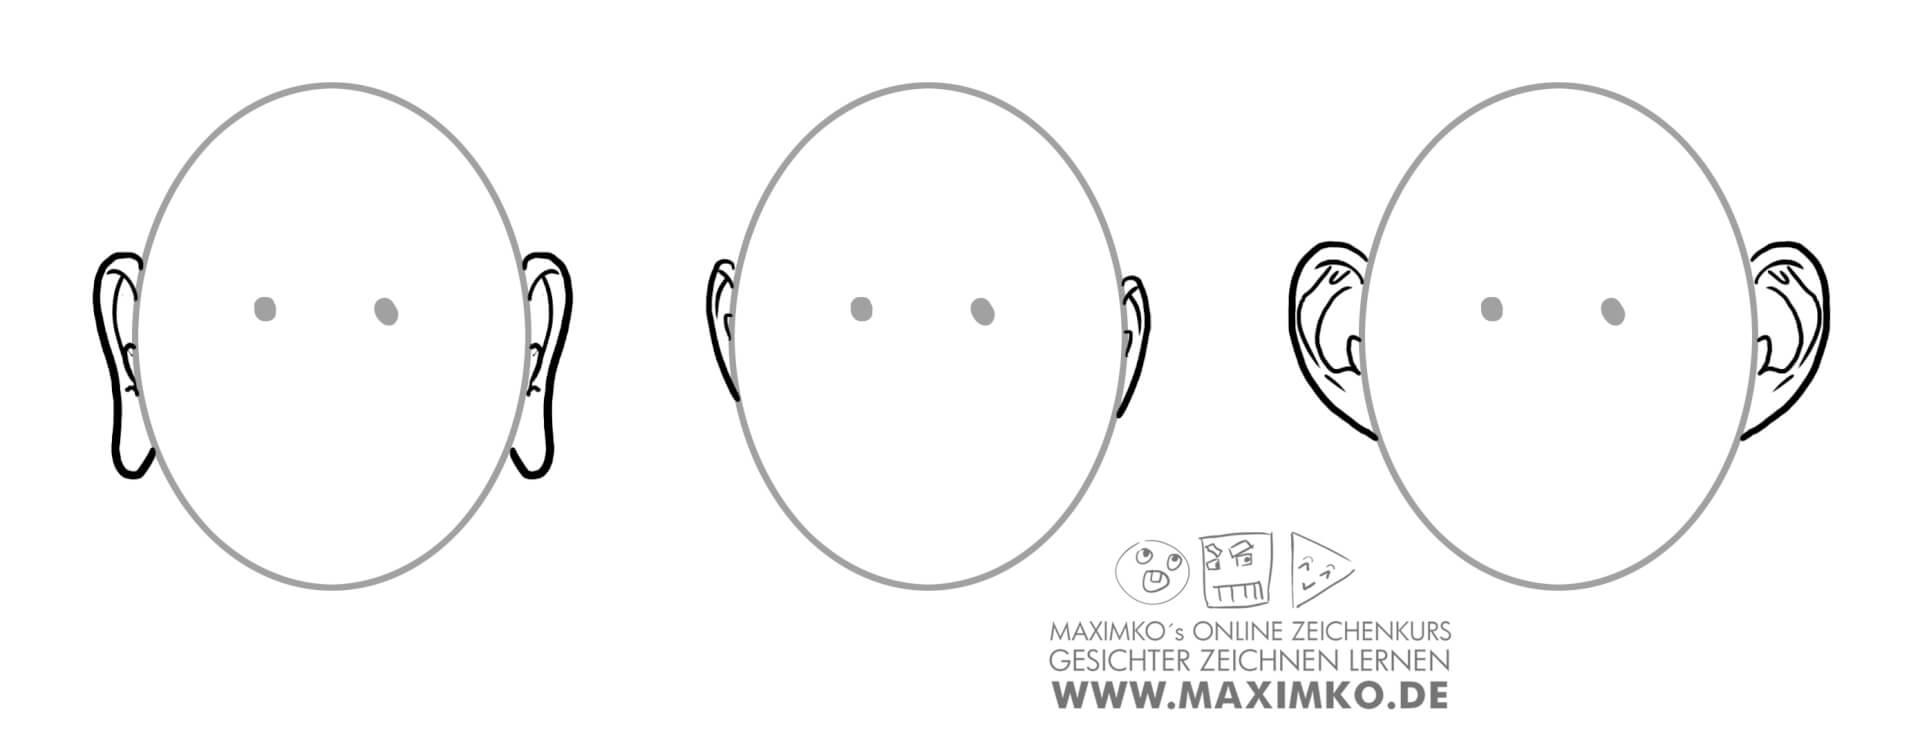 ohren zeichnen lernen tutorial unterschiedliche ohren auswirkung maximko